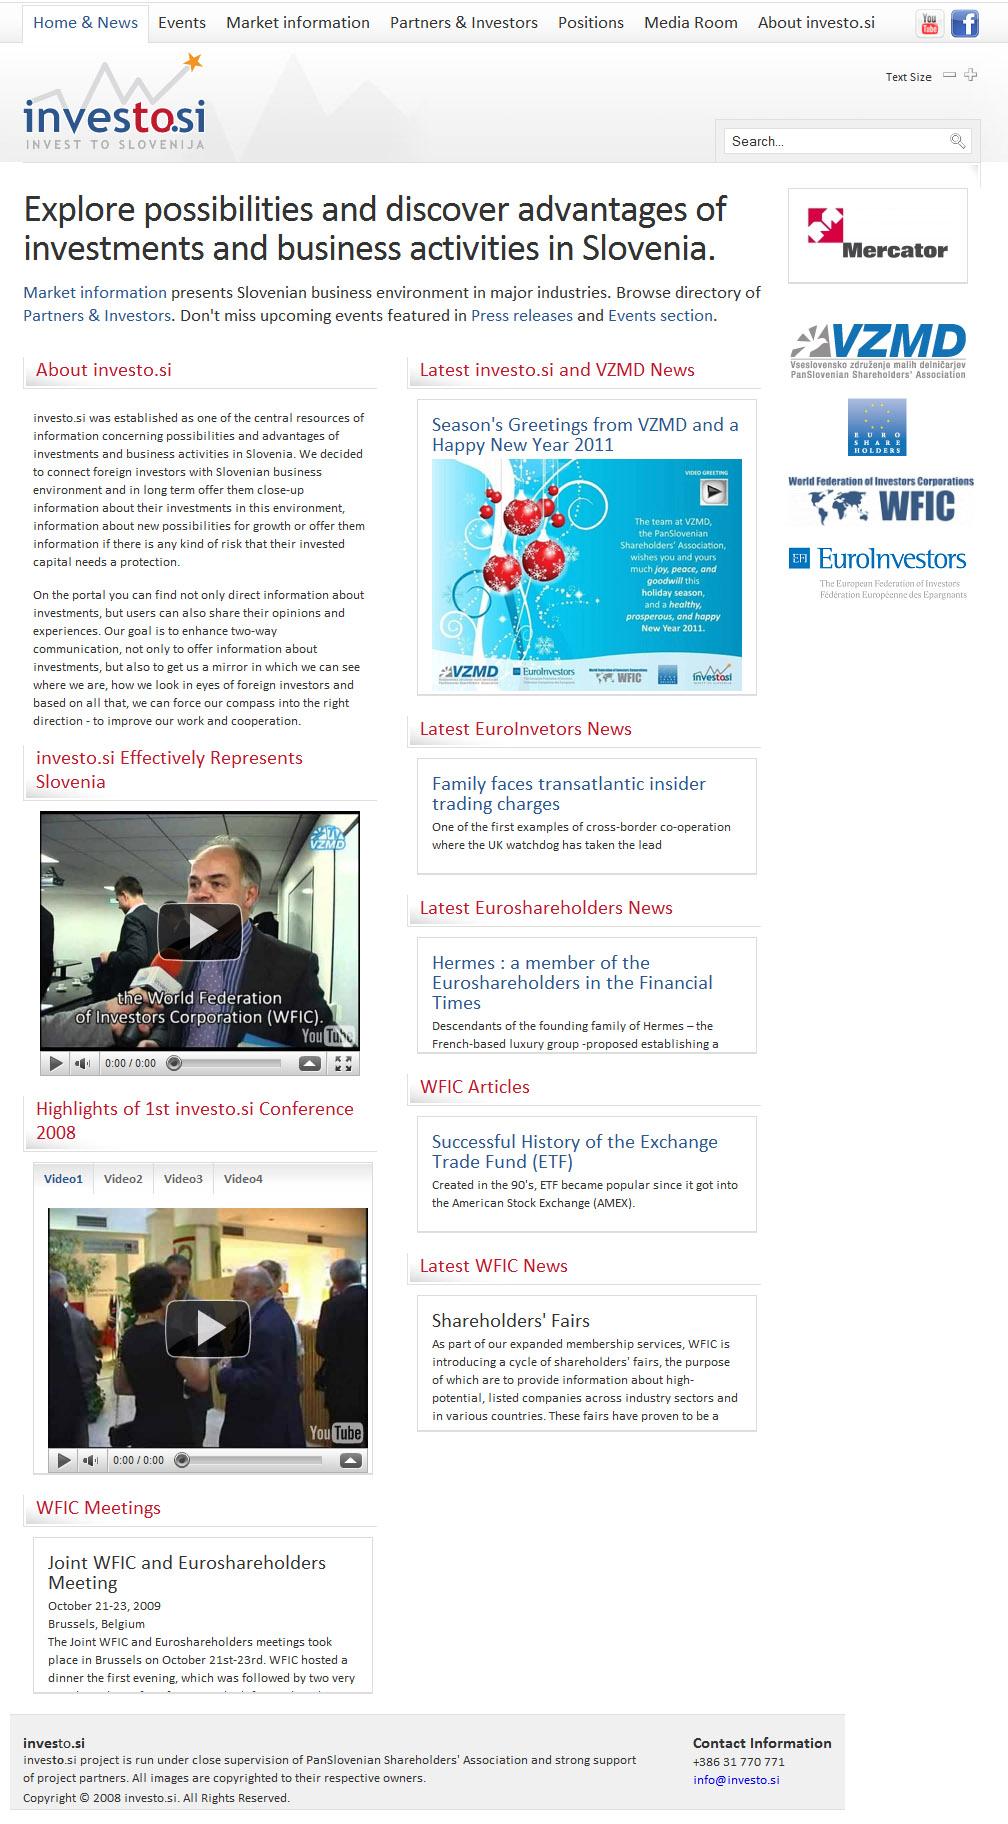 www.investo.si